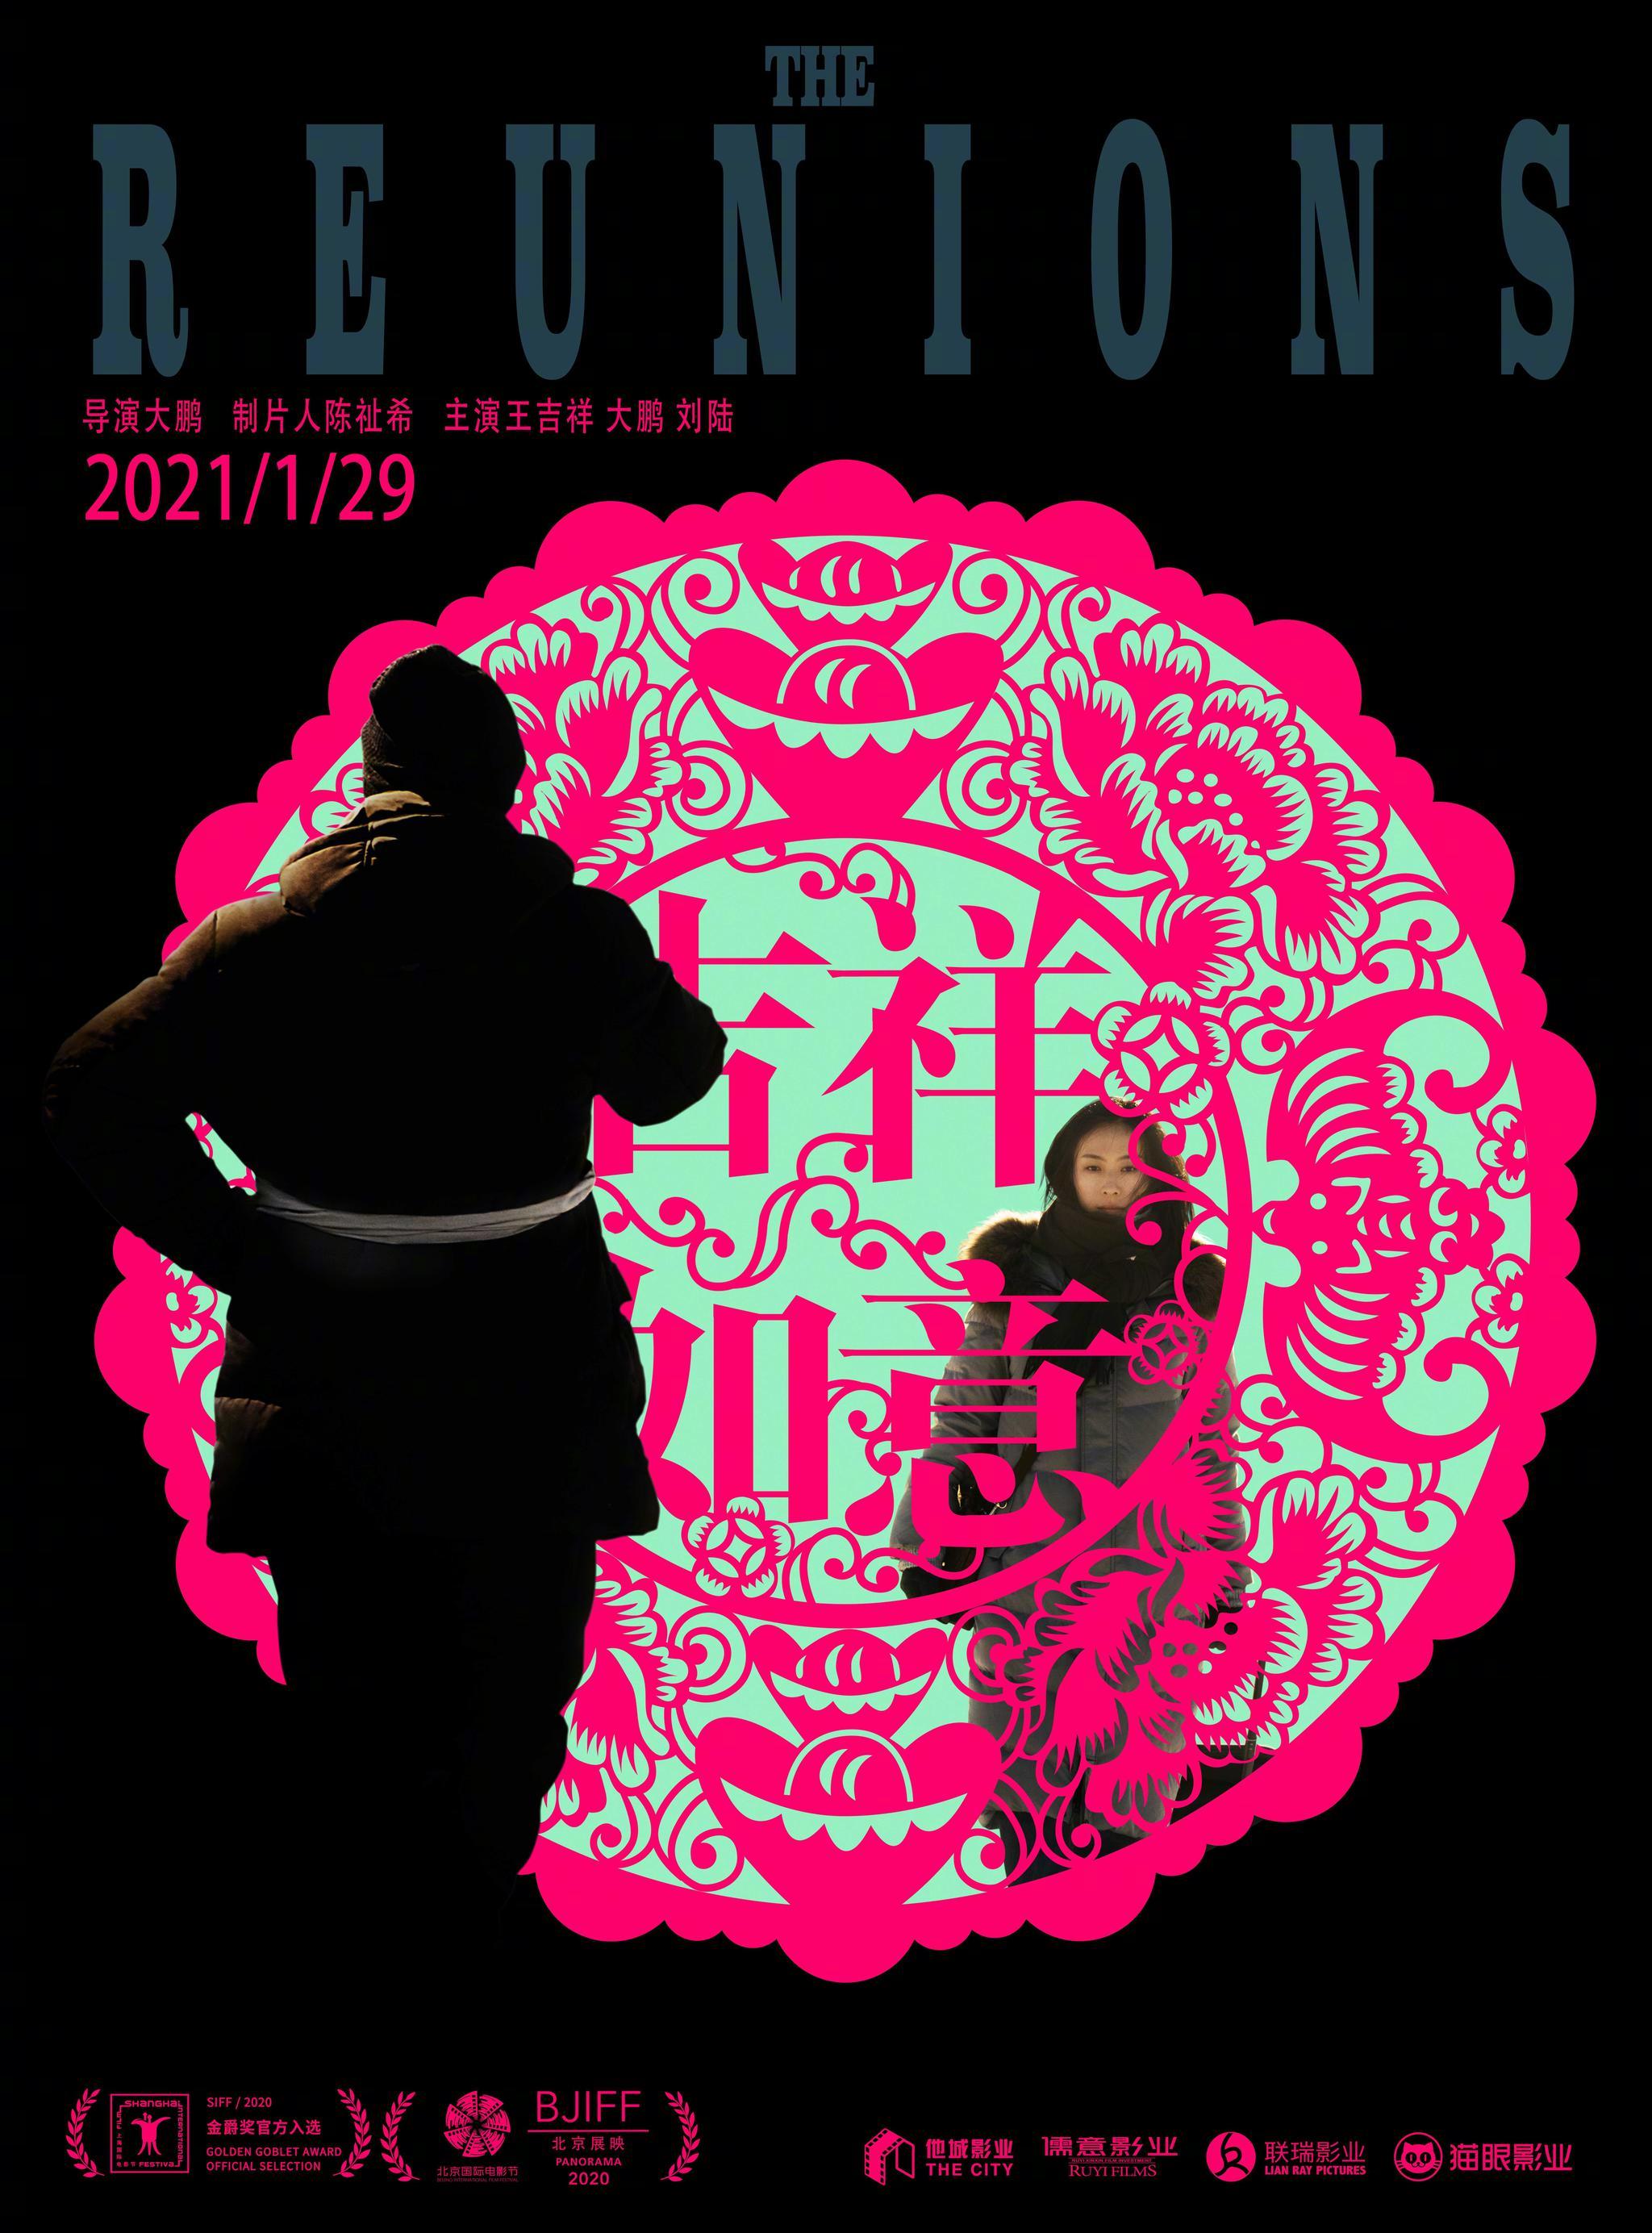 大鹏新作《吉祥如意》定档2021年1月29日,讲述春节聚会图片